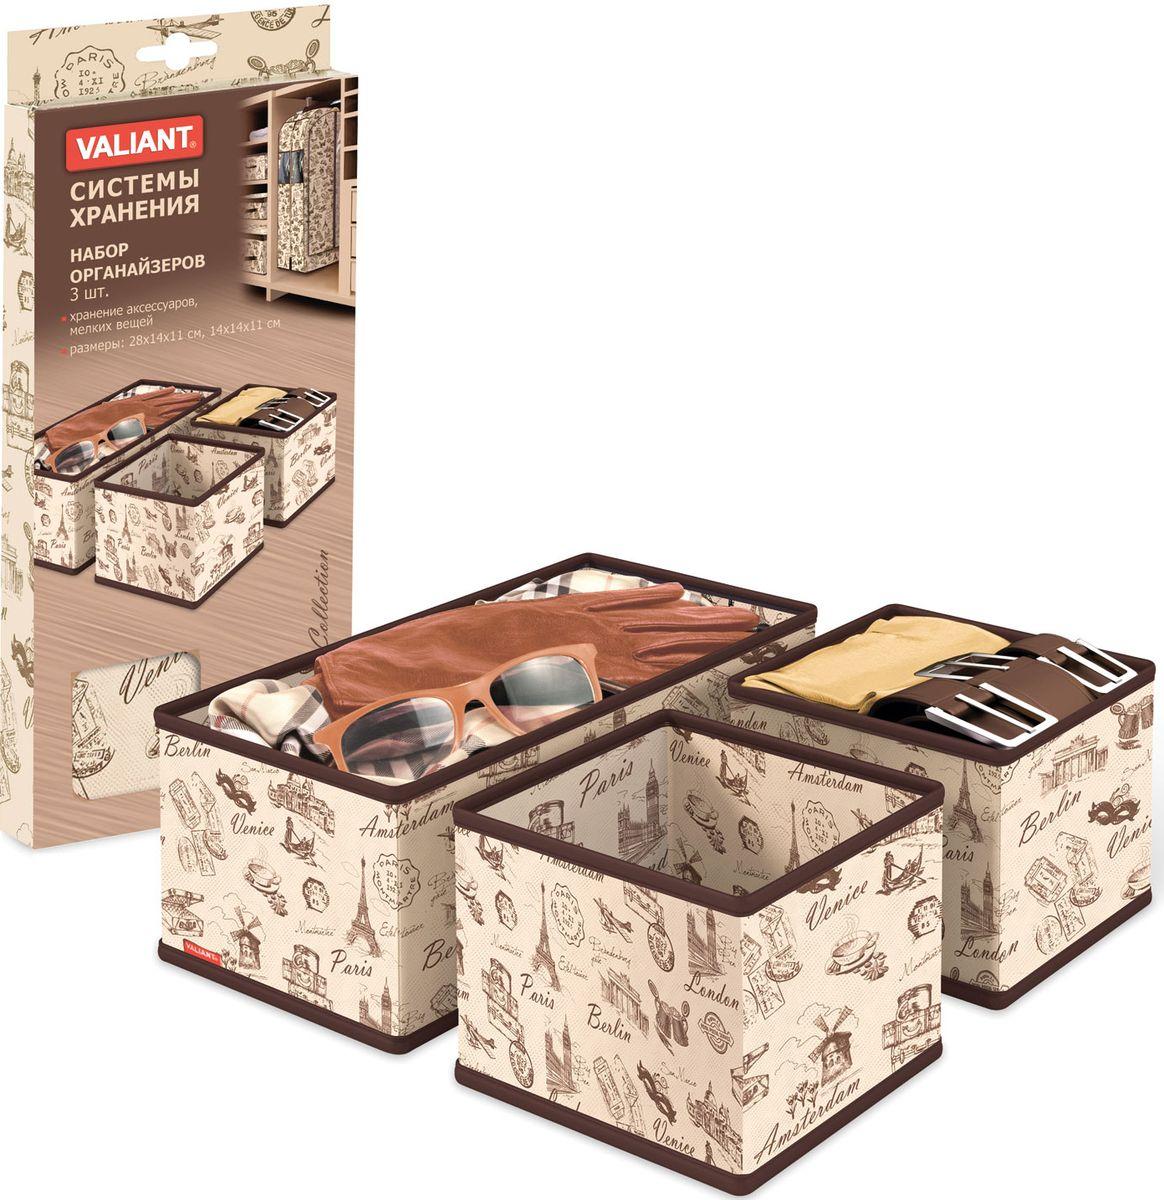 Набор органайзеров Valiant Collection, 3 штTR-S3Набор Valiant Collection состоит из трех органайзеров для хранения аксессуаров. Изделия выполнены из высококачественного нетканого материала (спанбонда), который обеспечивает естественную вентиляцию, позволяя воздуху проникать внутрь, но не пропускает пыль. Вставки из плотного картона хорошо держат форму.Система хранения Collection создаст трогательную атмосферу романтического настроения. Оригинальный дизайн придется по вкусу ценительницам эстетичного хранения. Размер органайзеров: 28 х 14 х 11 см, 14 х 14 х 11 см.